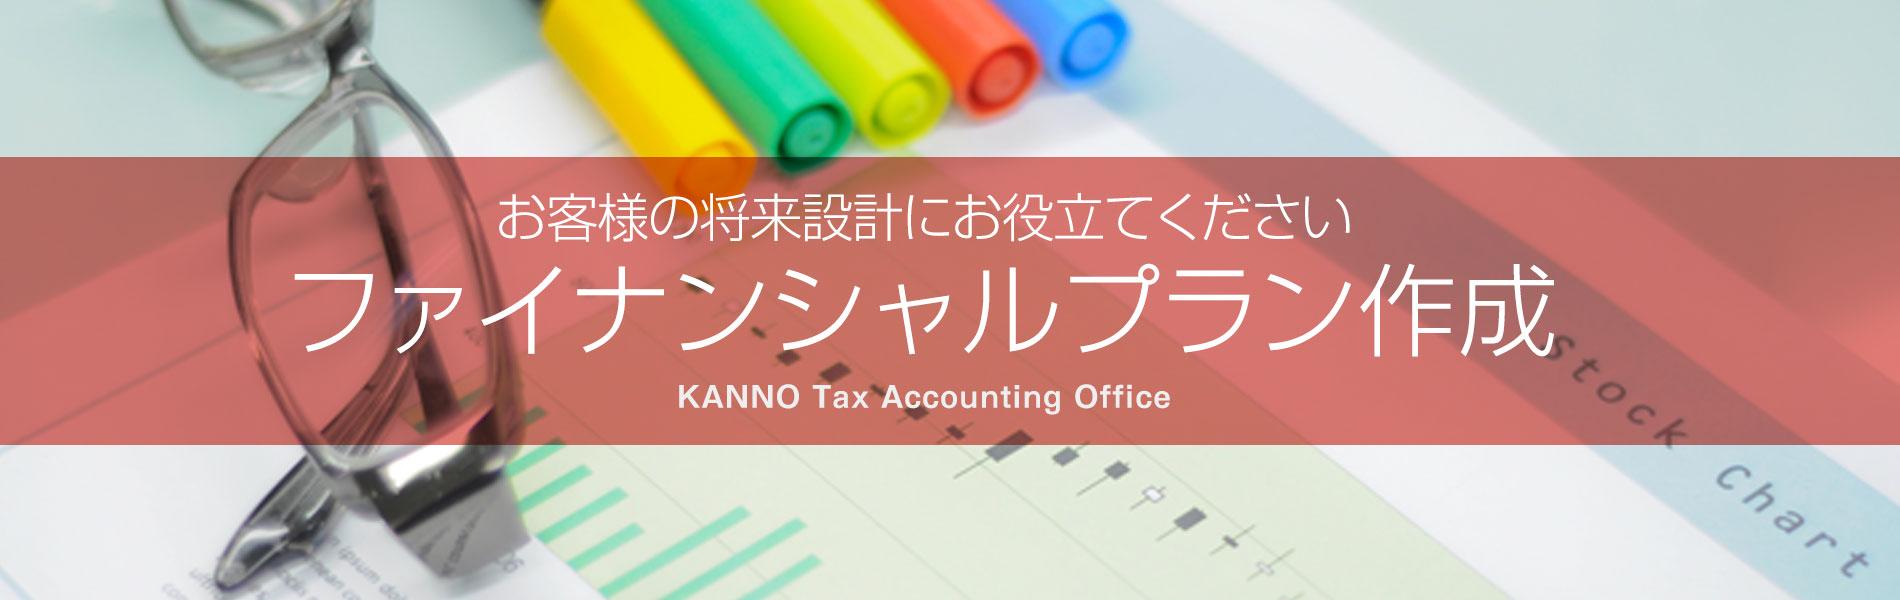 ファイナンシャルプランの作成|千葉県市川市の税理士事務所|かんの税理士事務所